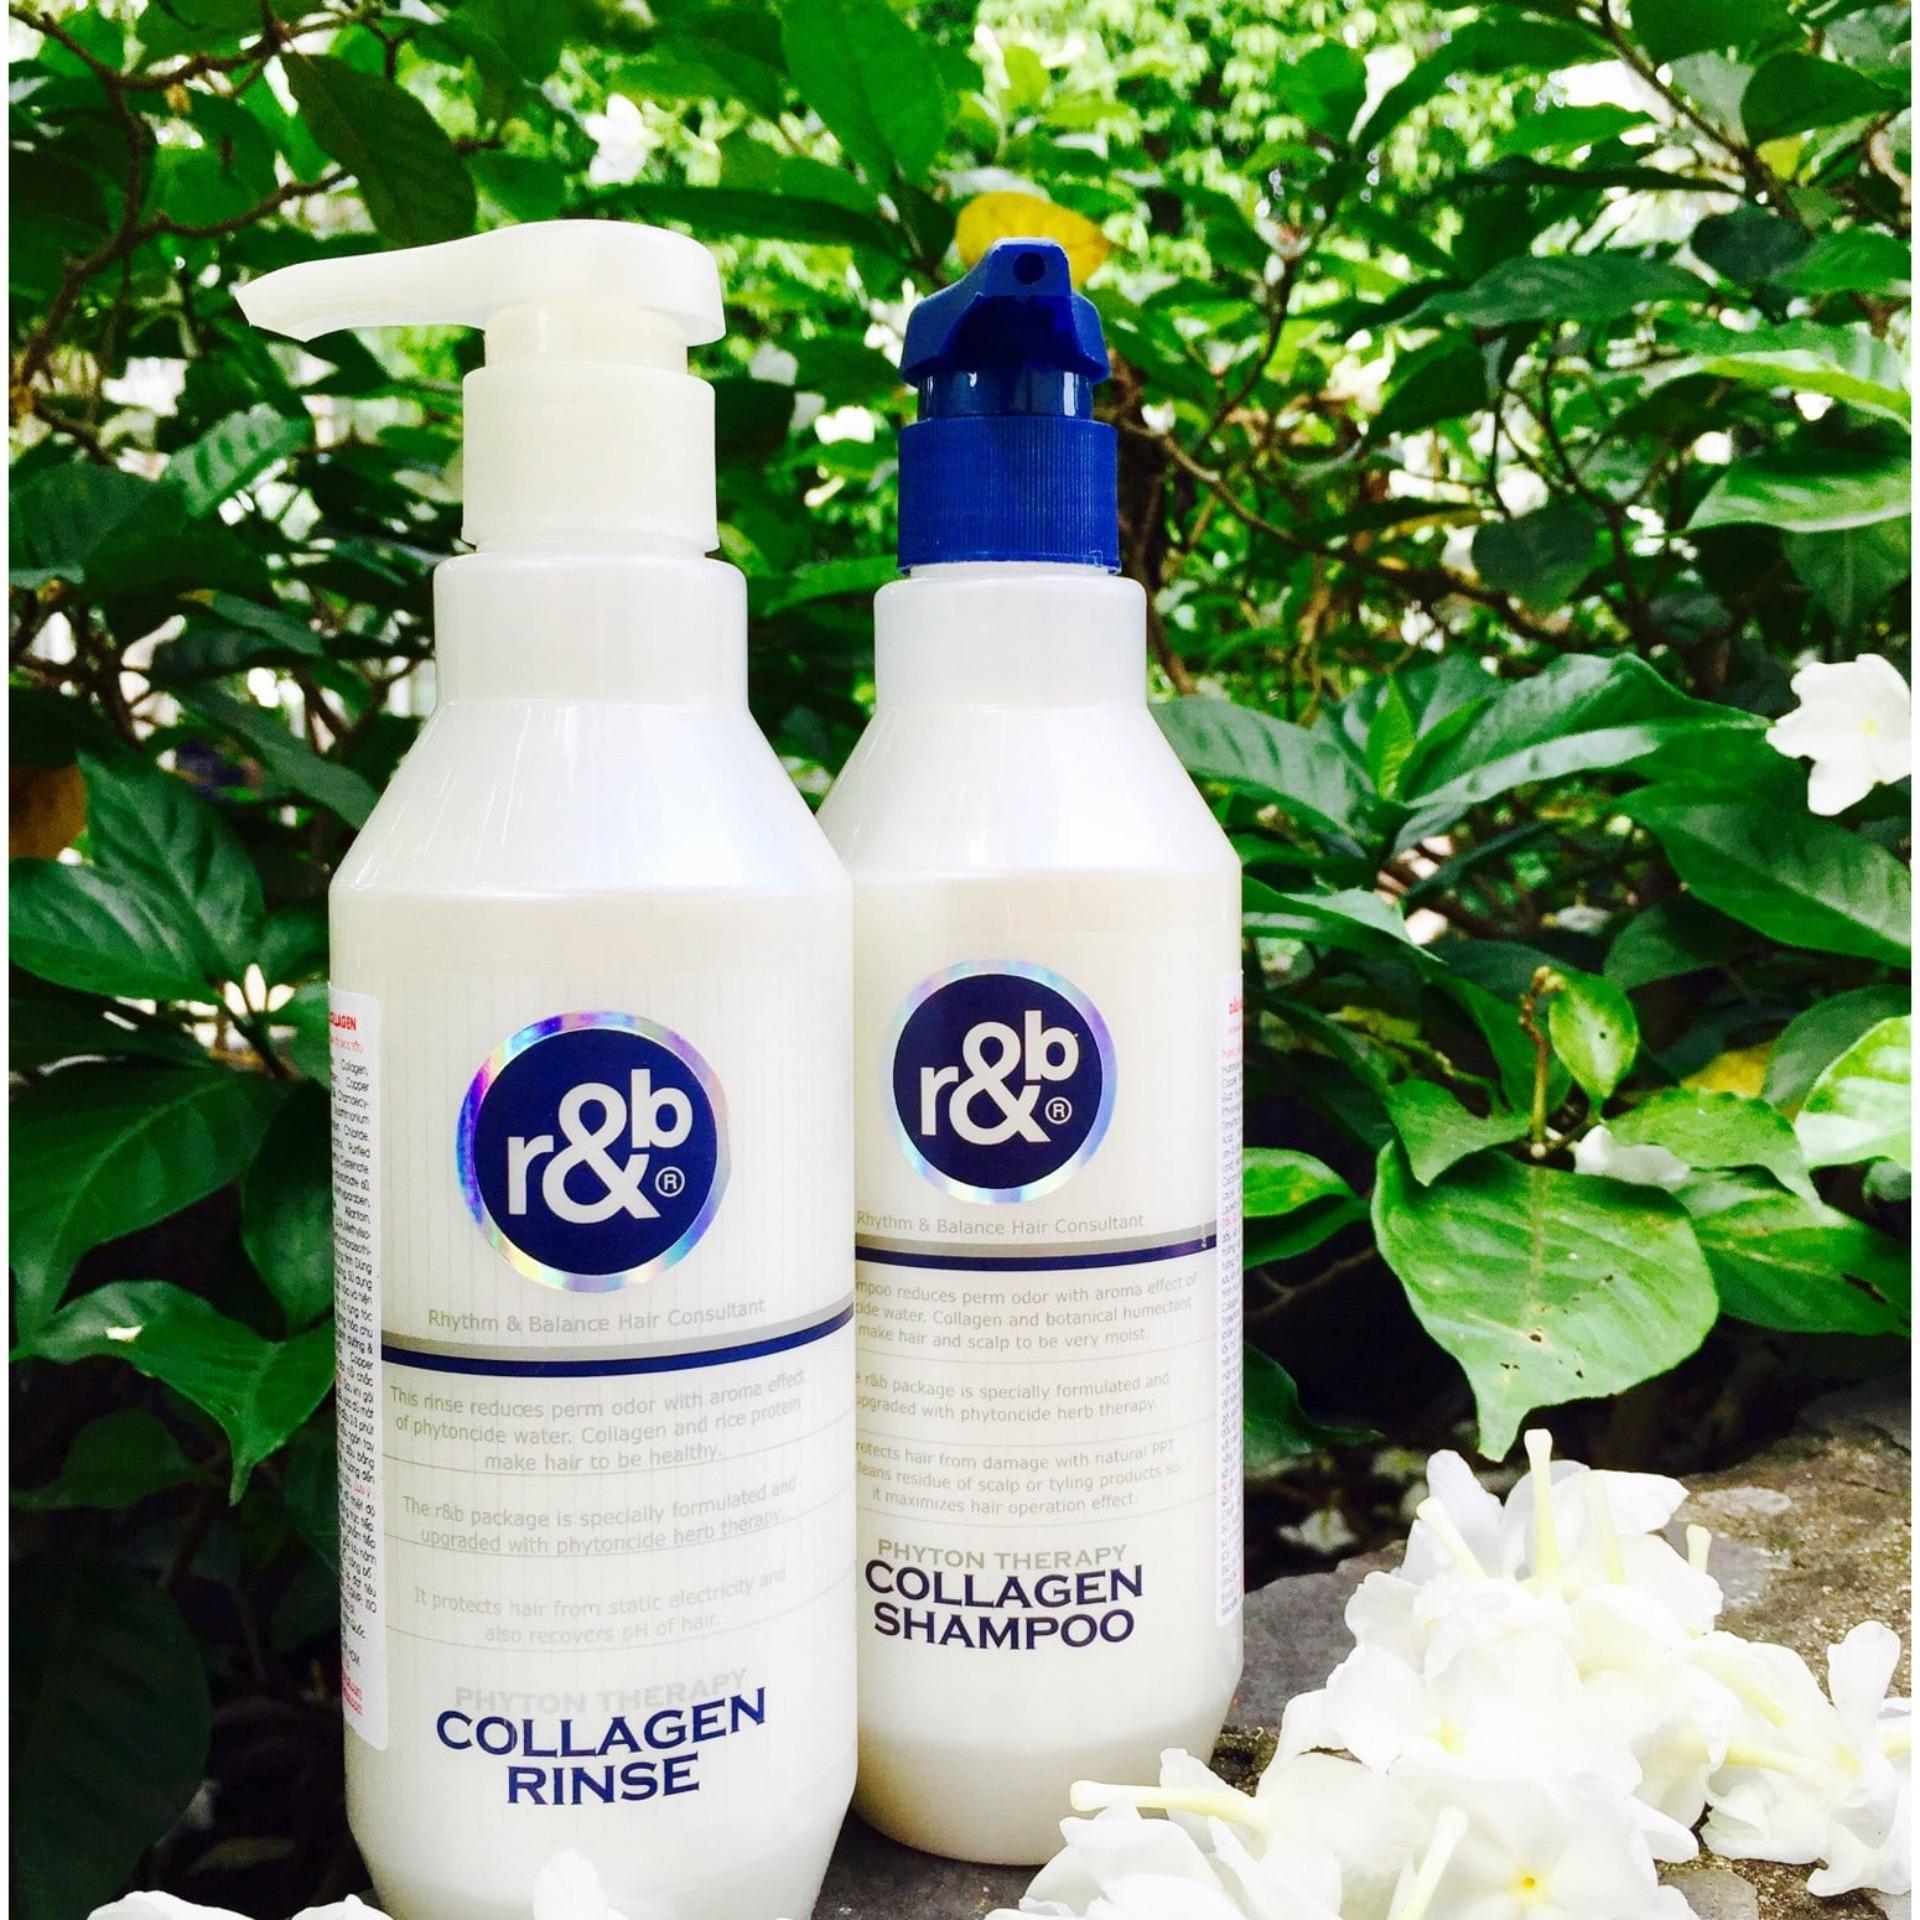 dầu xả tóc collagen sạch sâu, giảm mùi hôi hoá chất trên tóc, ngăn ngừa tóc bạc sớm & mềm mượt R&B Collagen Rinse, hàn quốc 1500ml